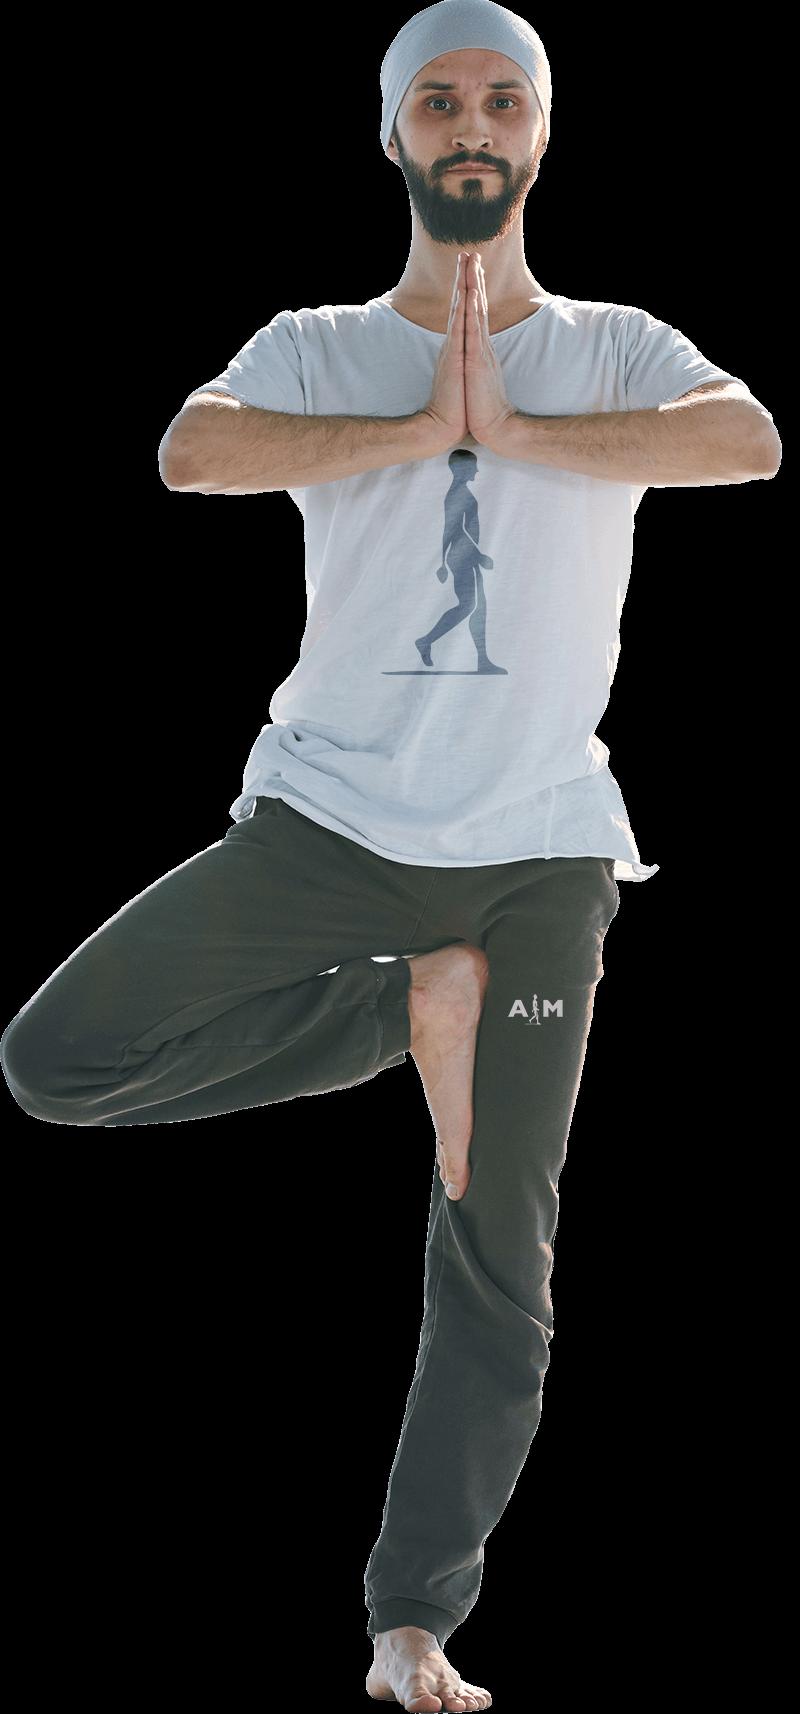 yoga-practice-CQYJ2S8 (1)